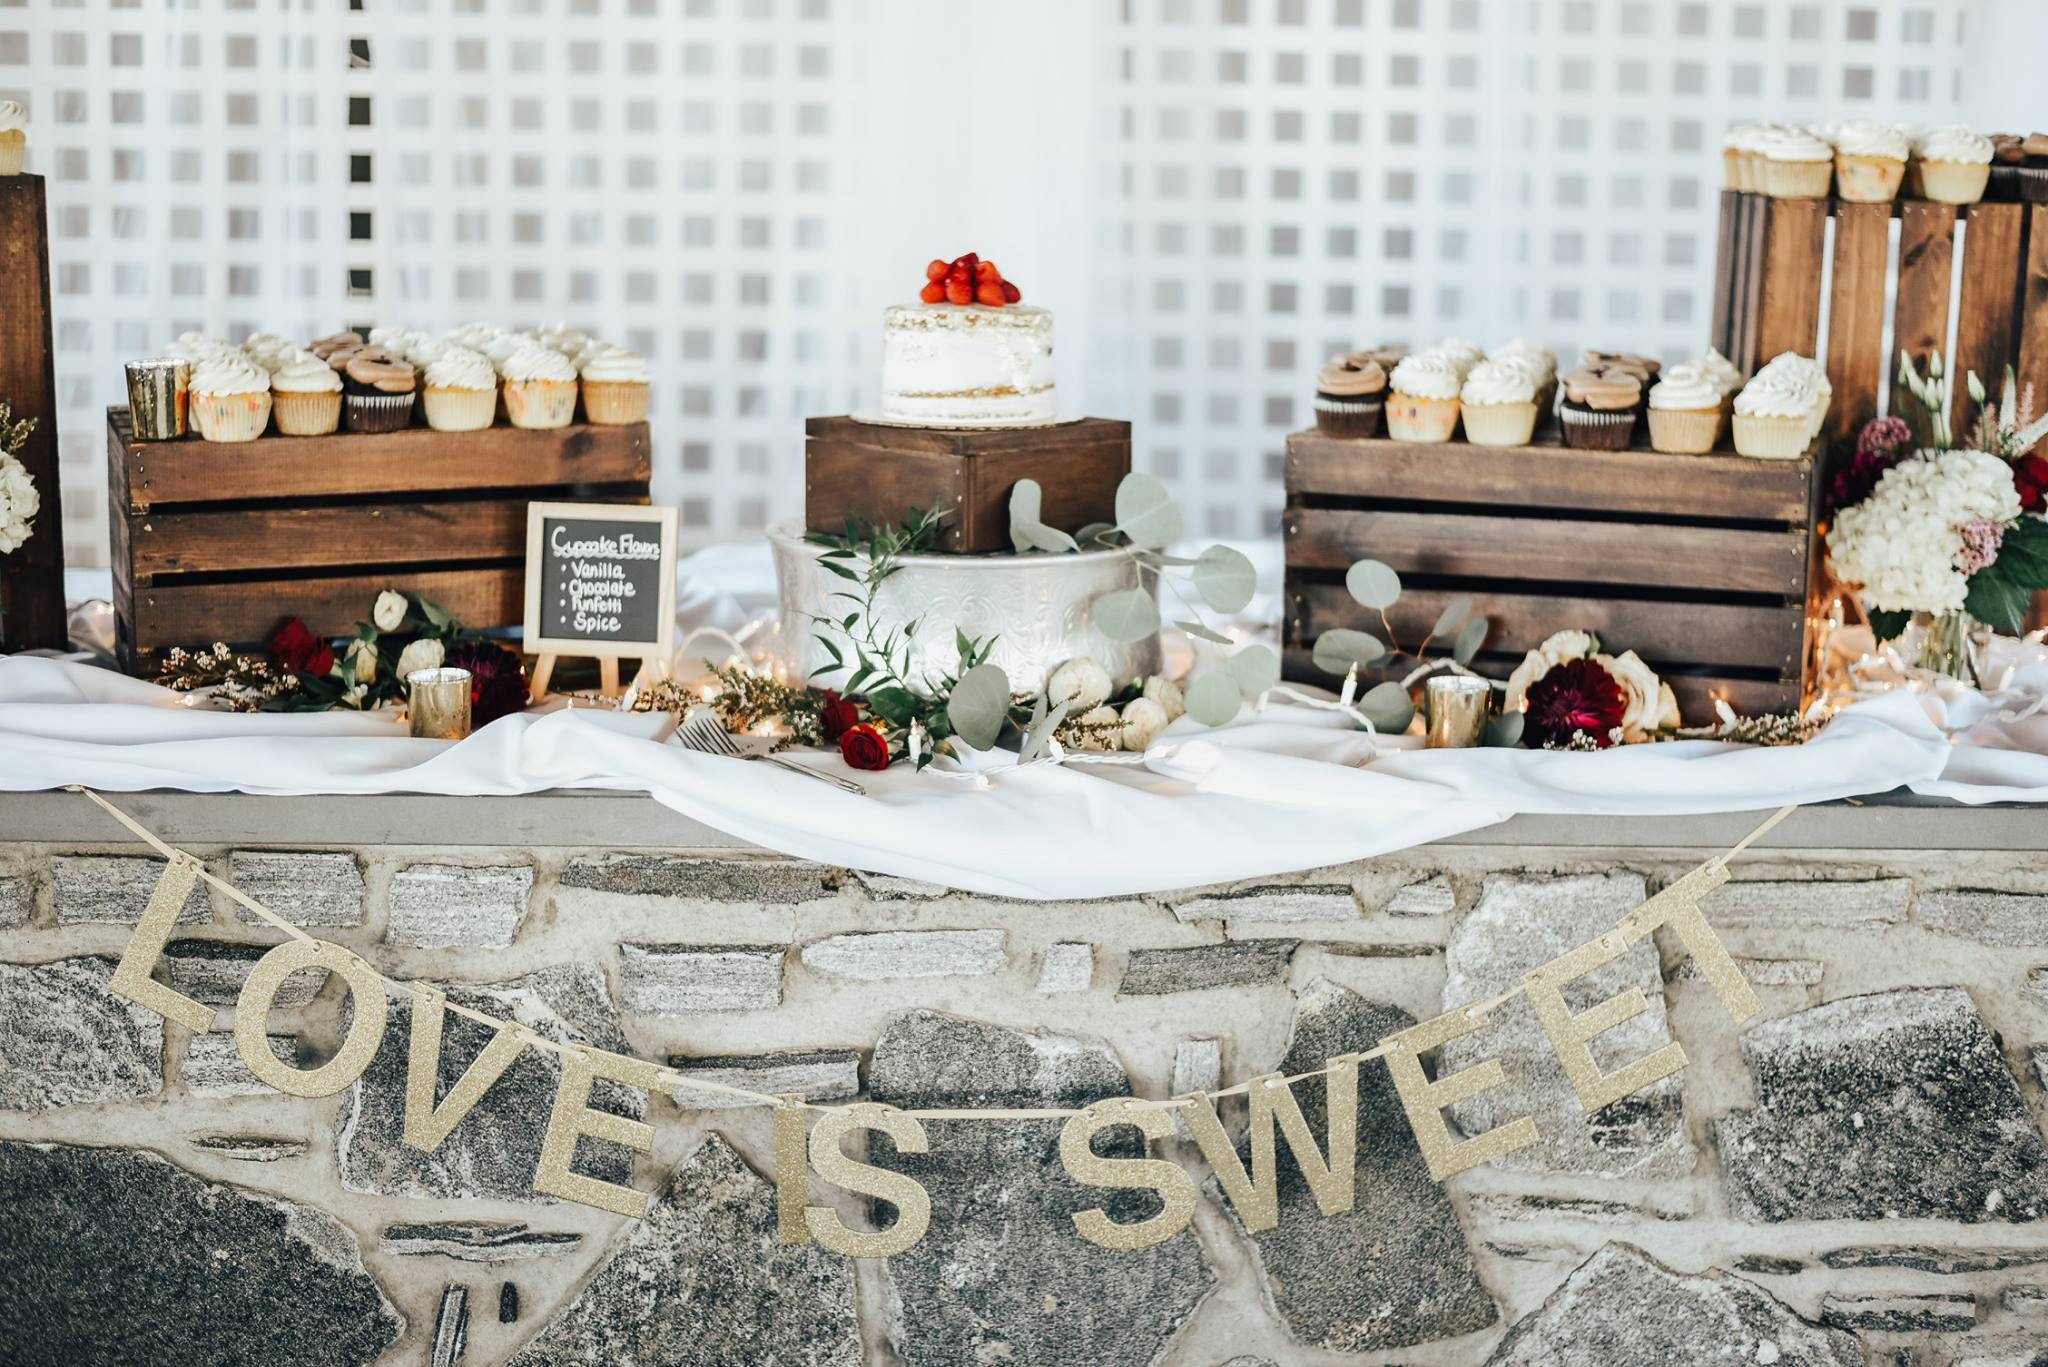 Dessertstation1o.jpg